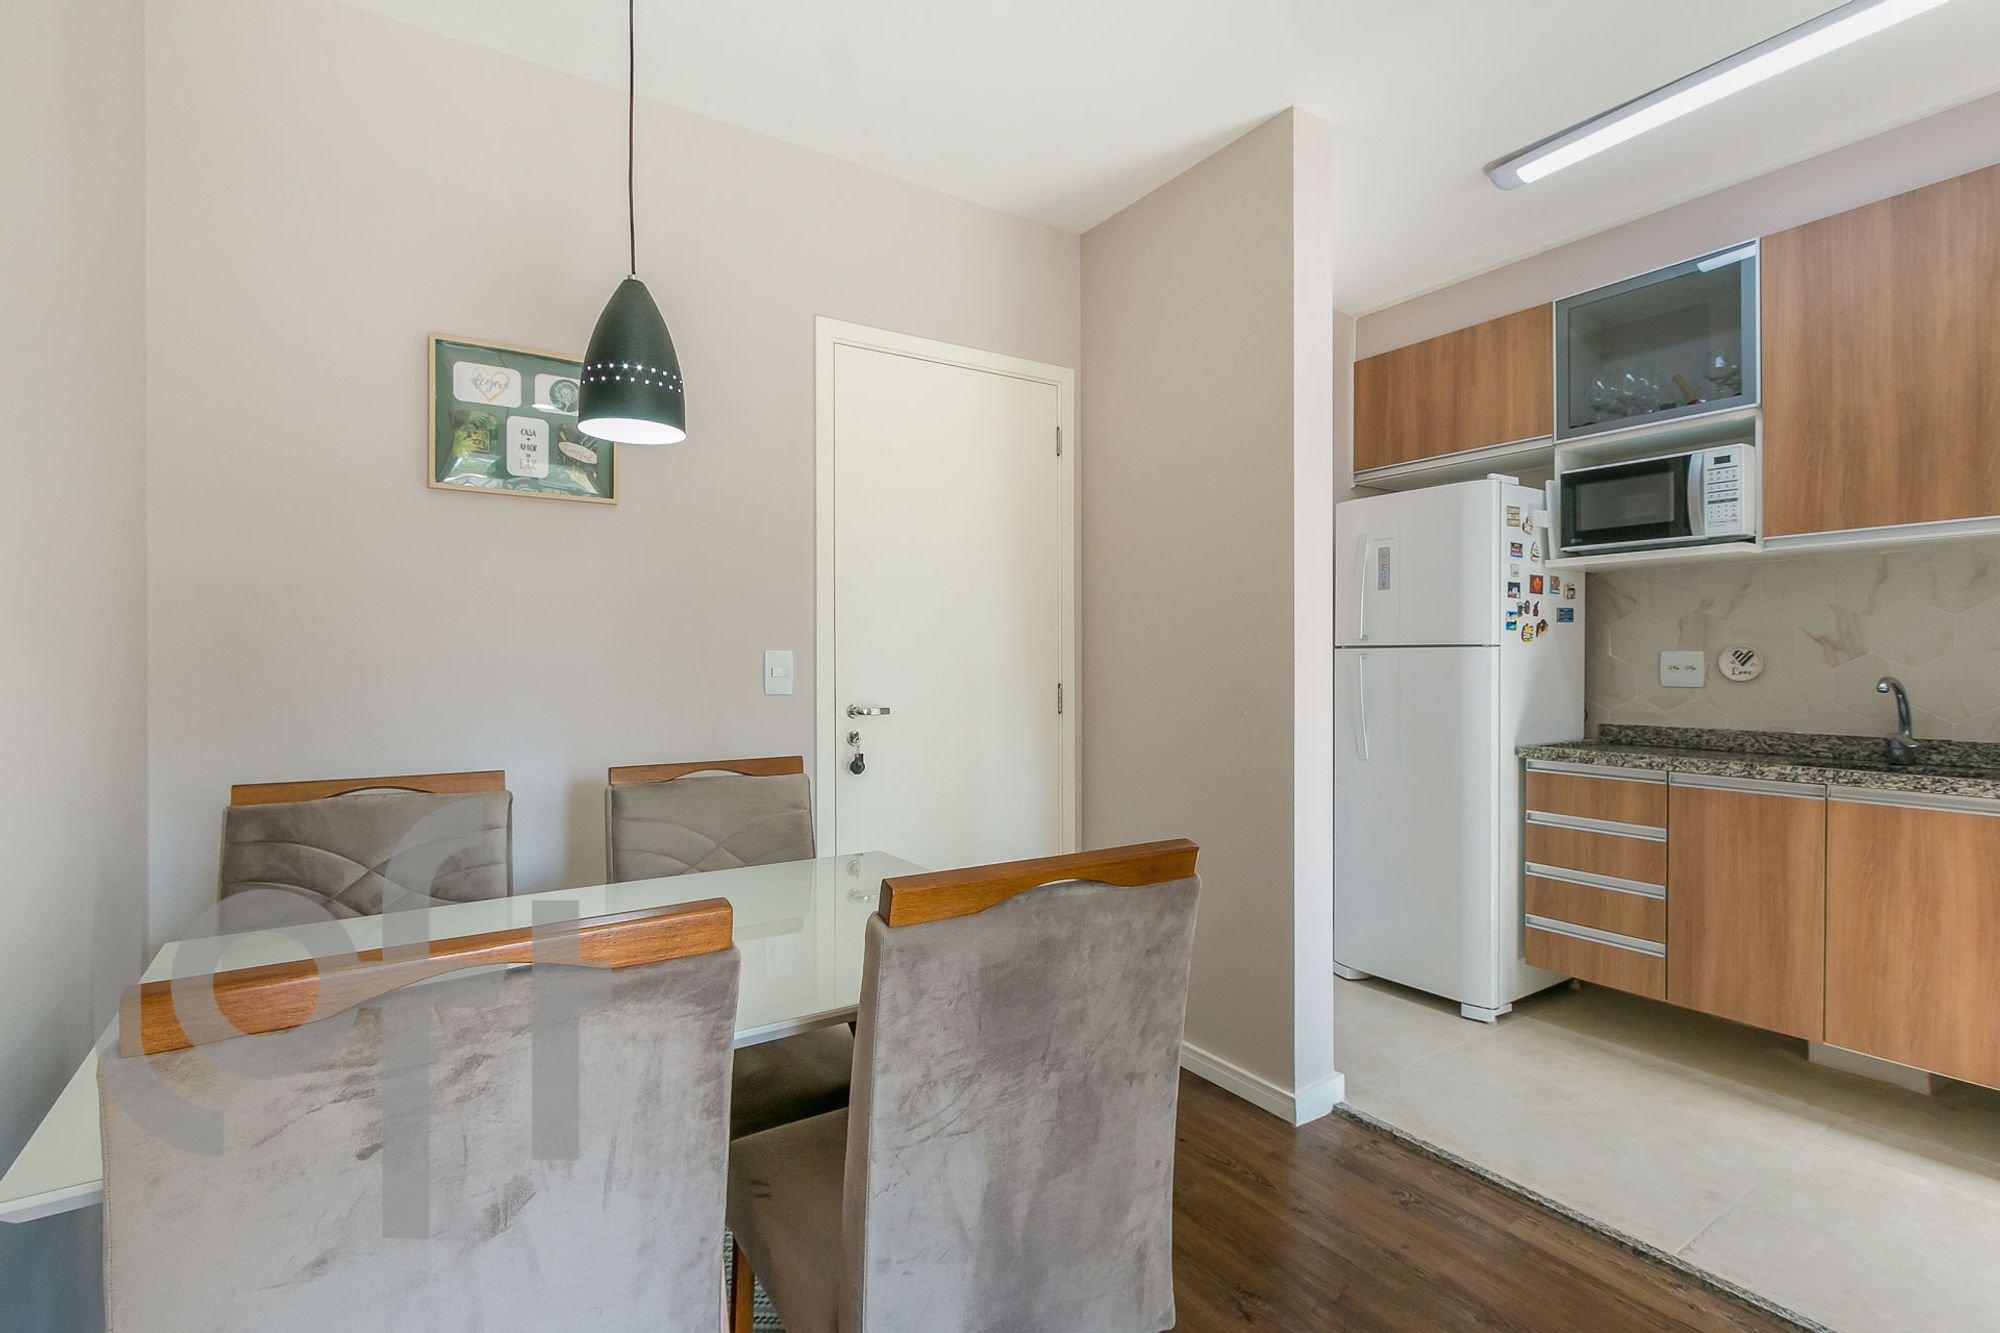 Foto de Cozinha com cama, geladeira, microondas